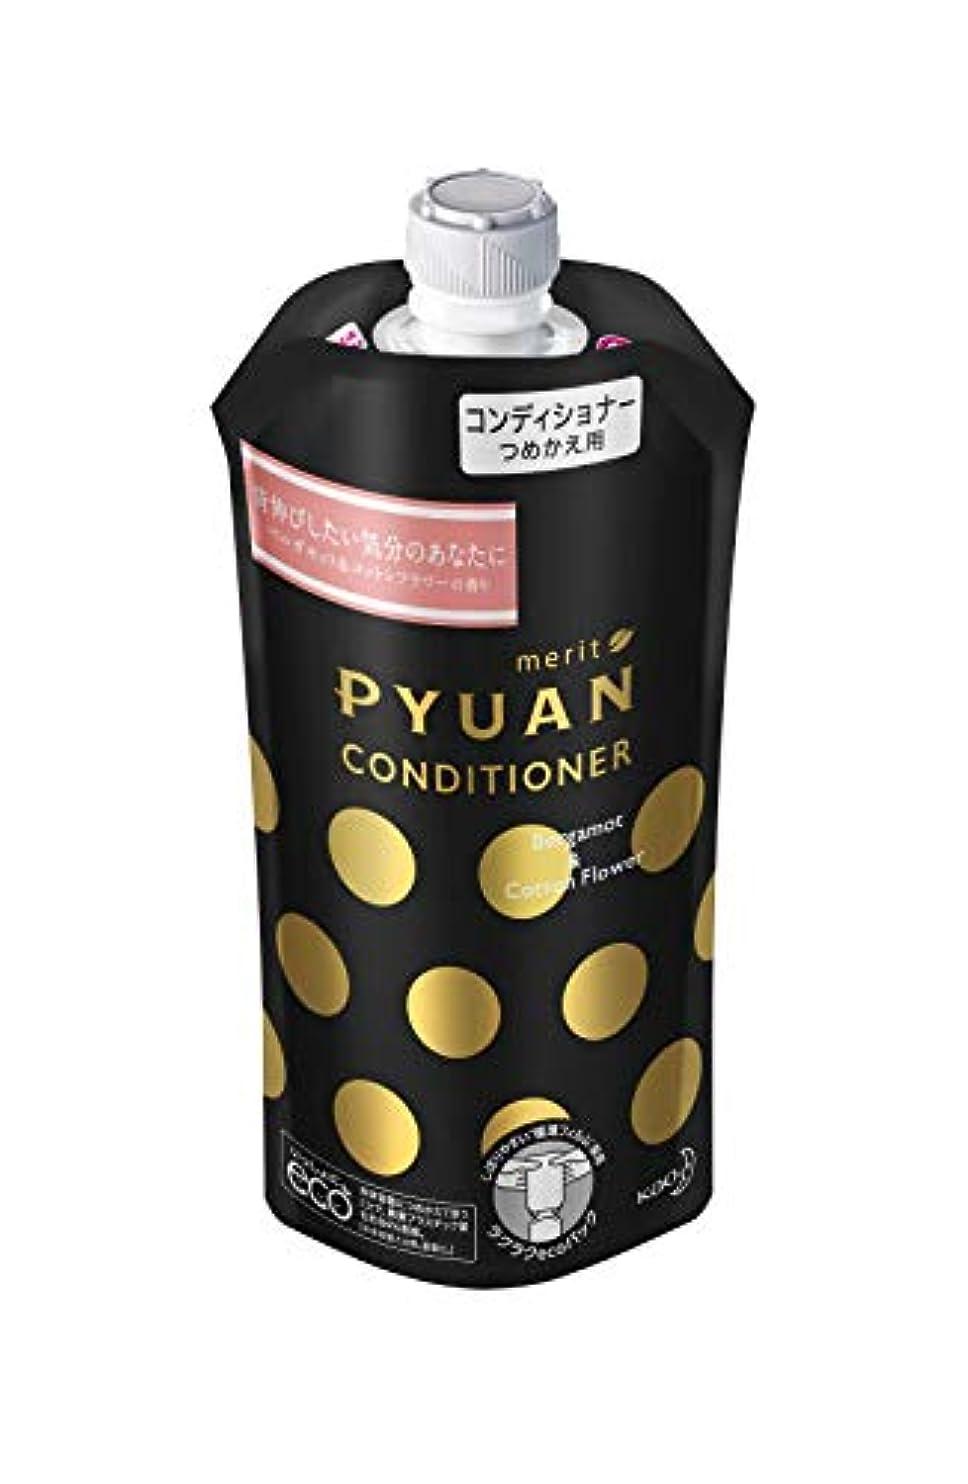 純粋な豆加速するメリットピュアン スマート&スタイリッシュ コンディショナー つめかえ用 340ml